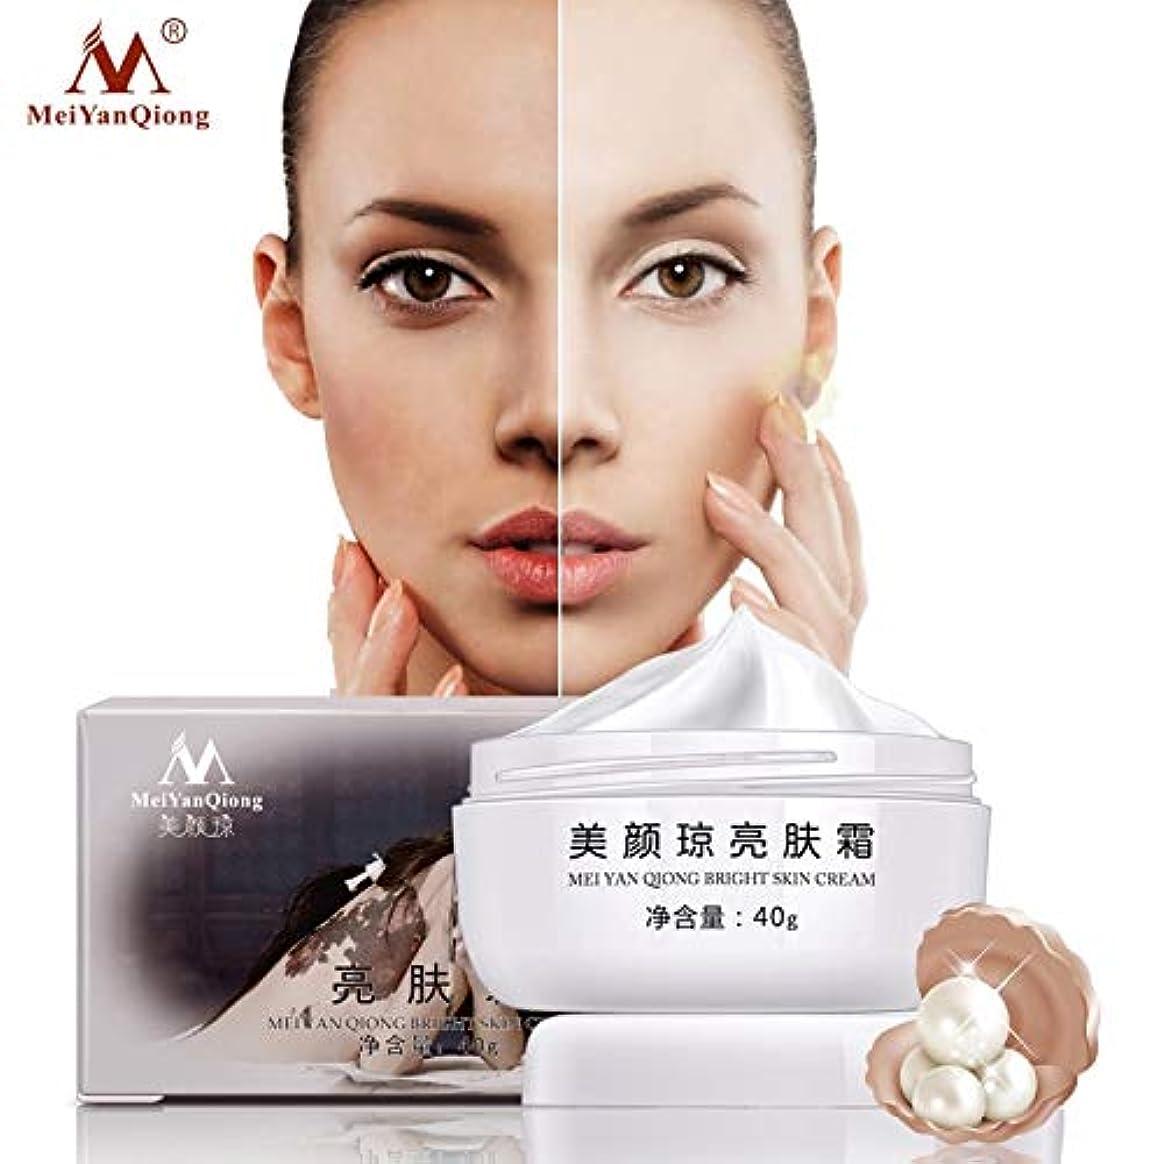 中間頻繁に高度Meiyanqiongフェイスケアクリームダークスポットリムーバーライトニングクリームダークケアアンチそばかす寧クリーム